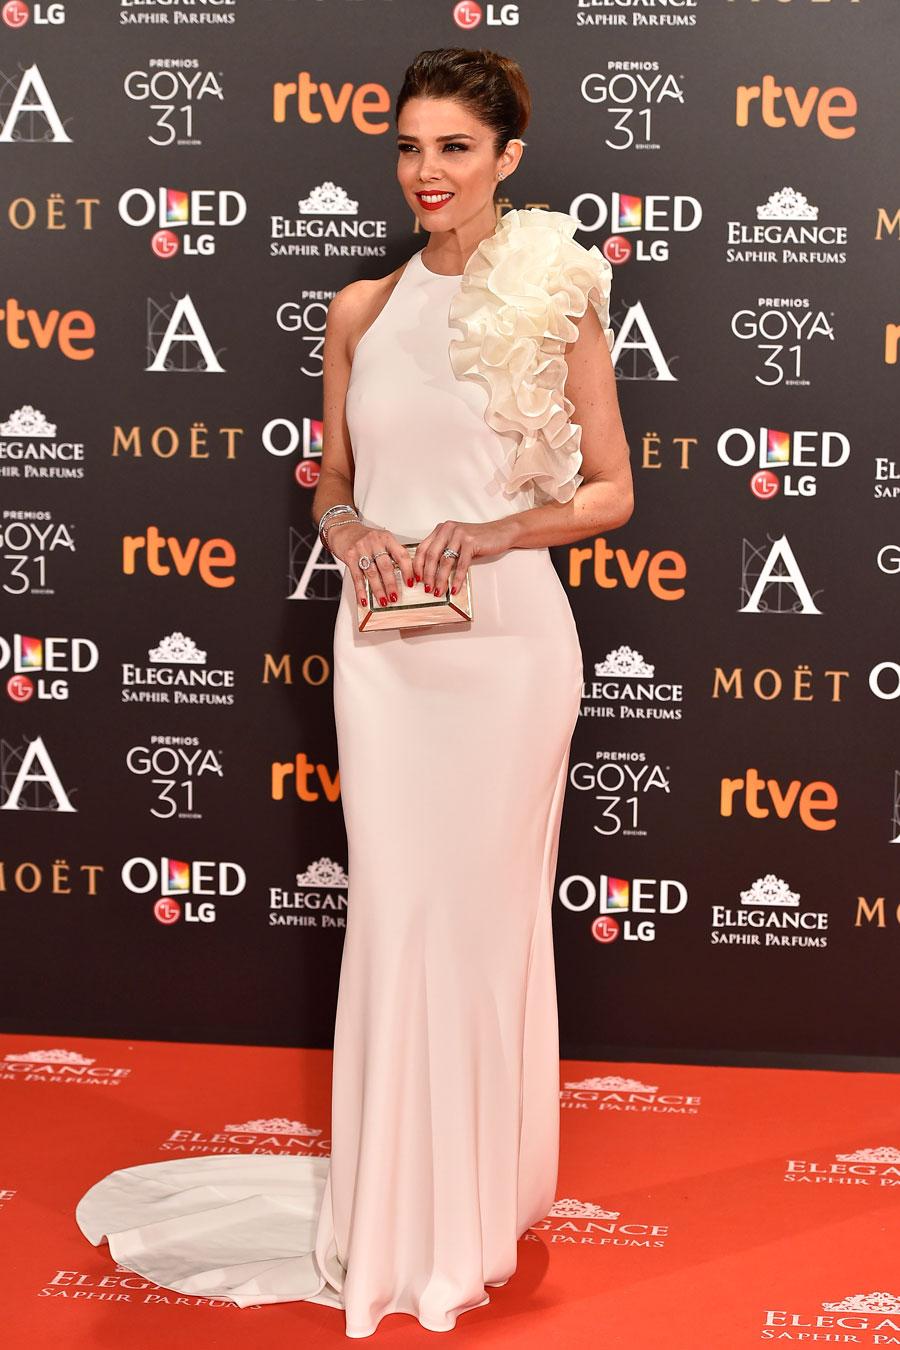 a9f171490 Los mejores vestidos de la historia de los Goya - InStyle